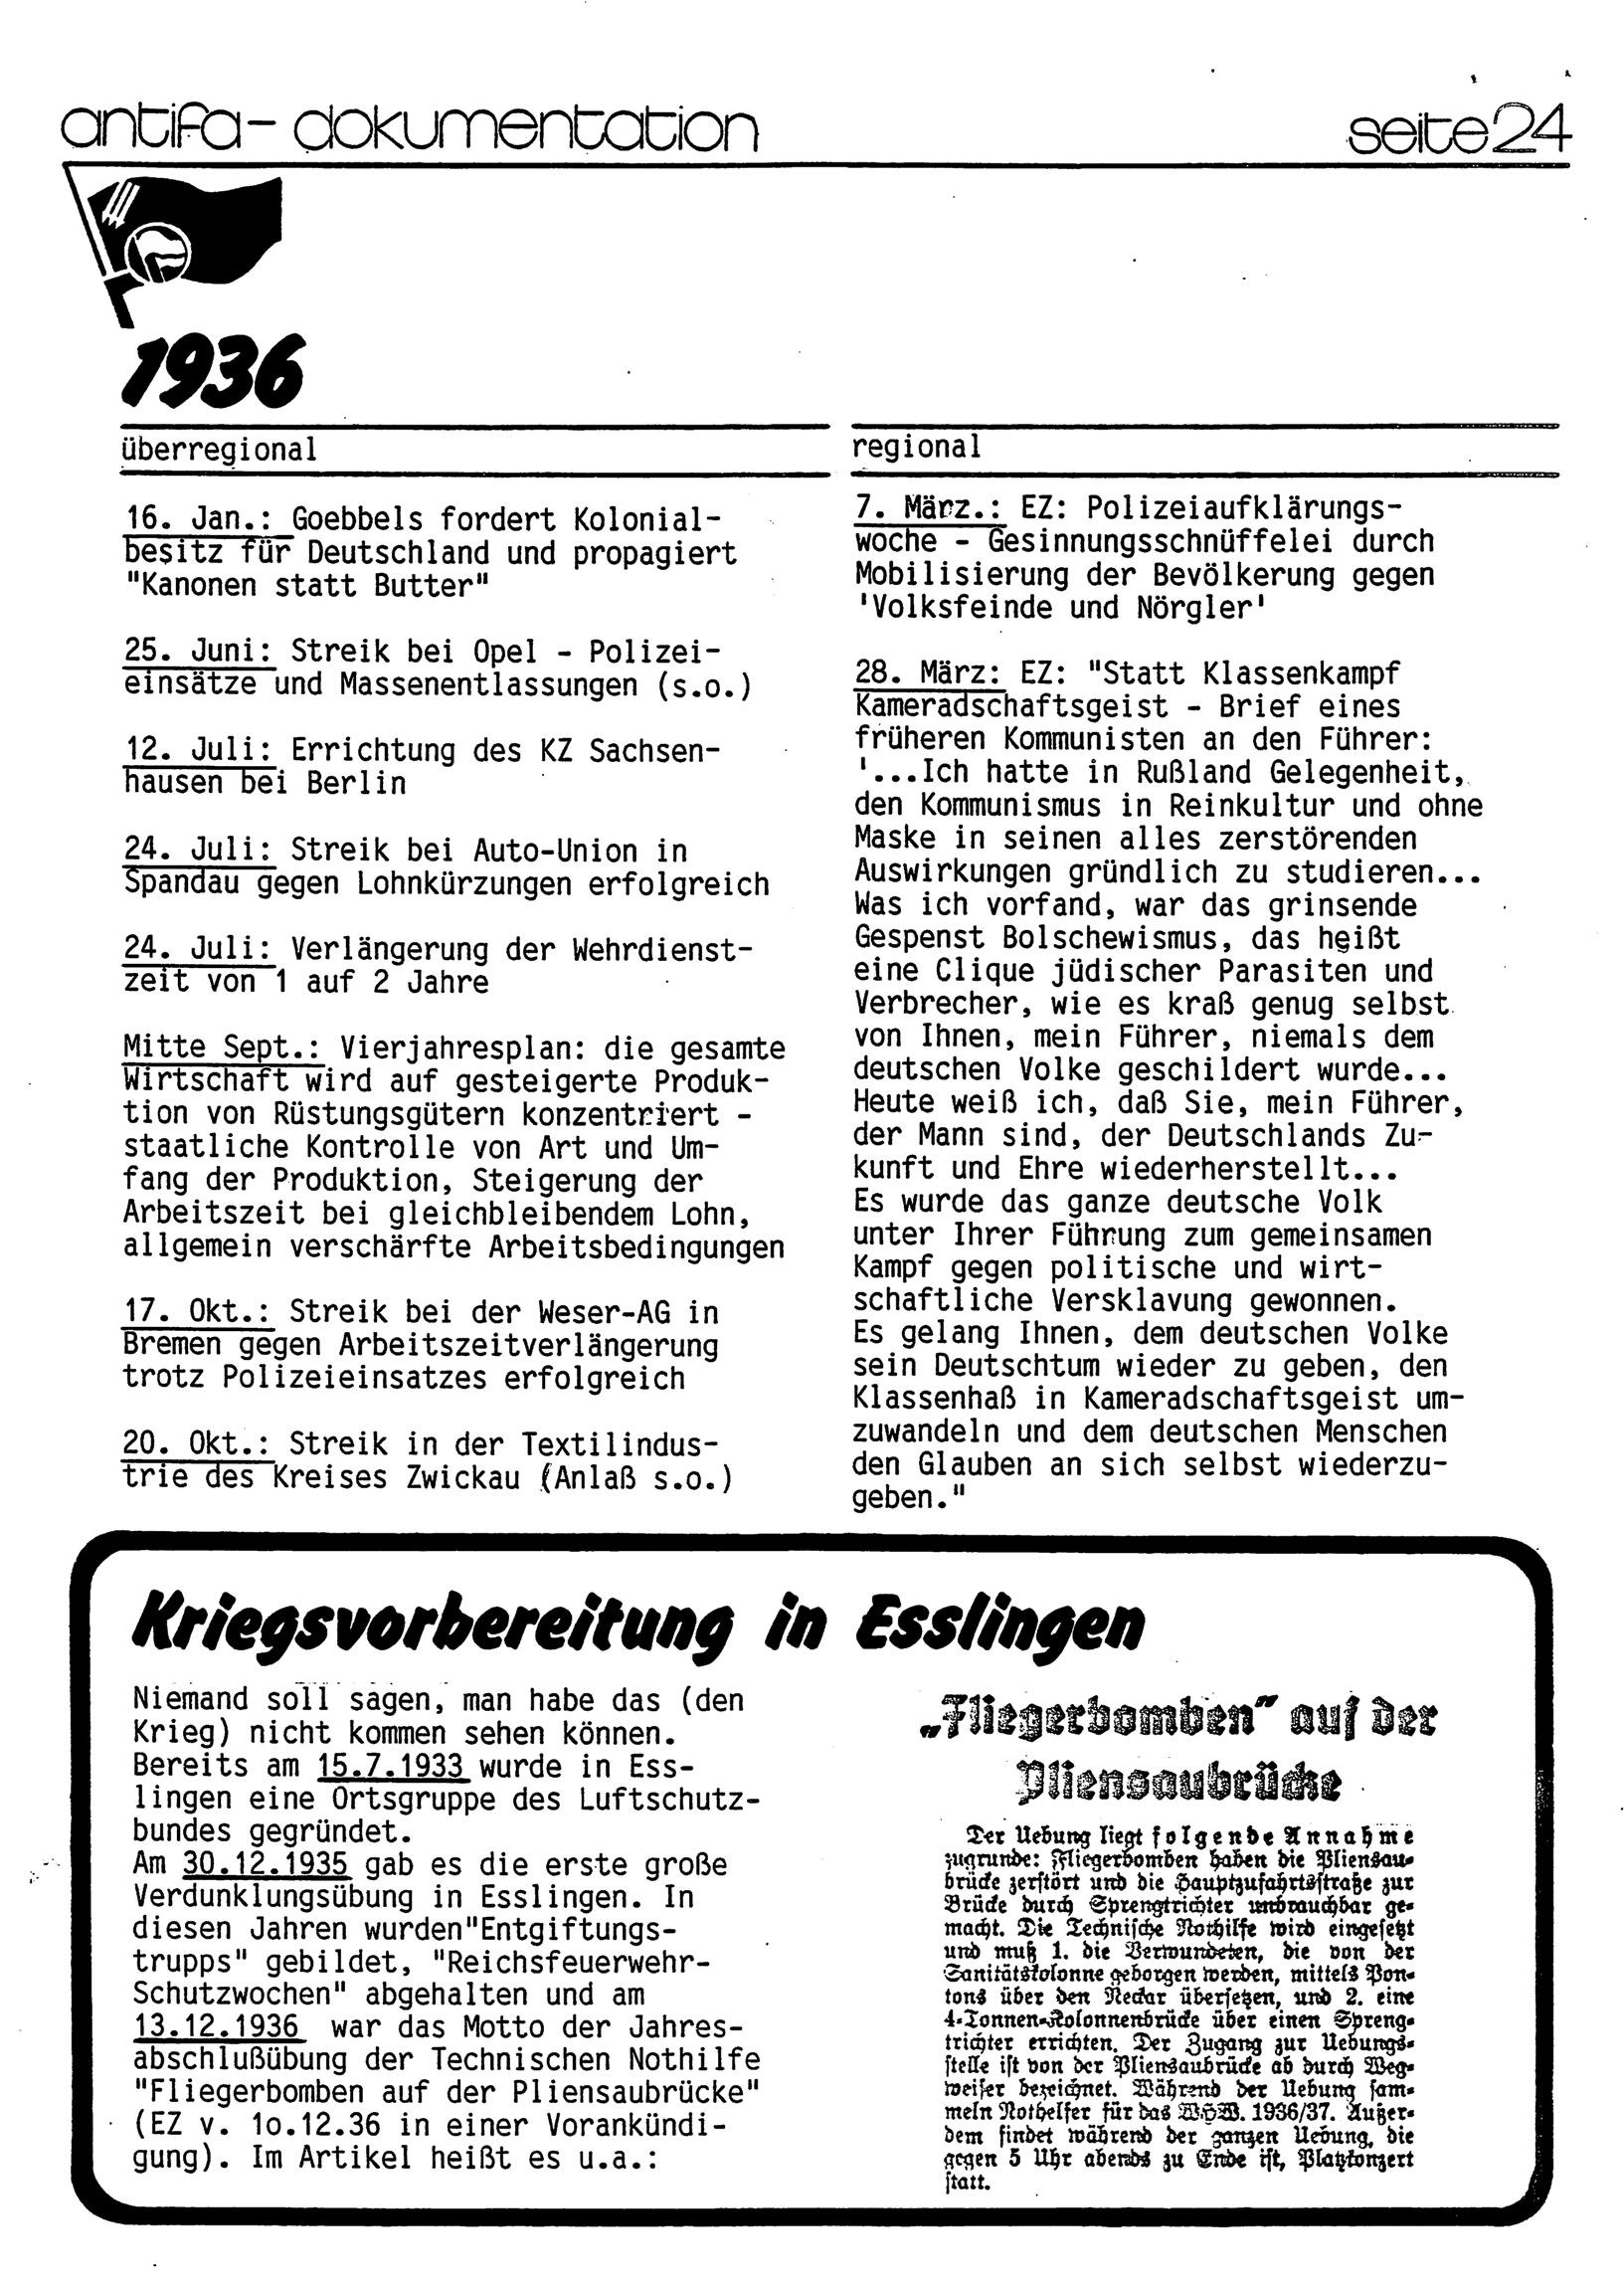 Esslingen_unterm_Hakenkreuz_024